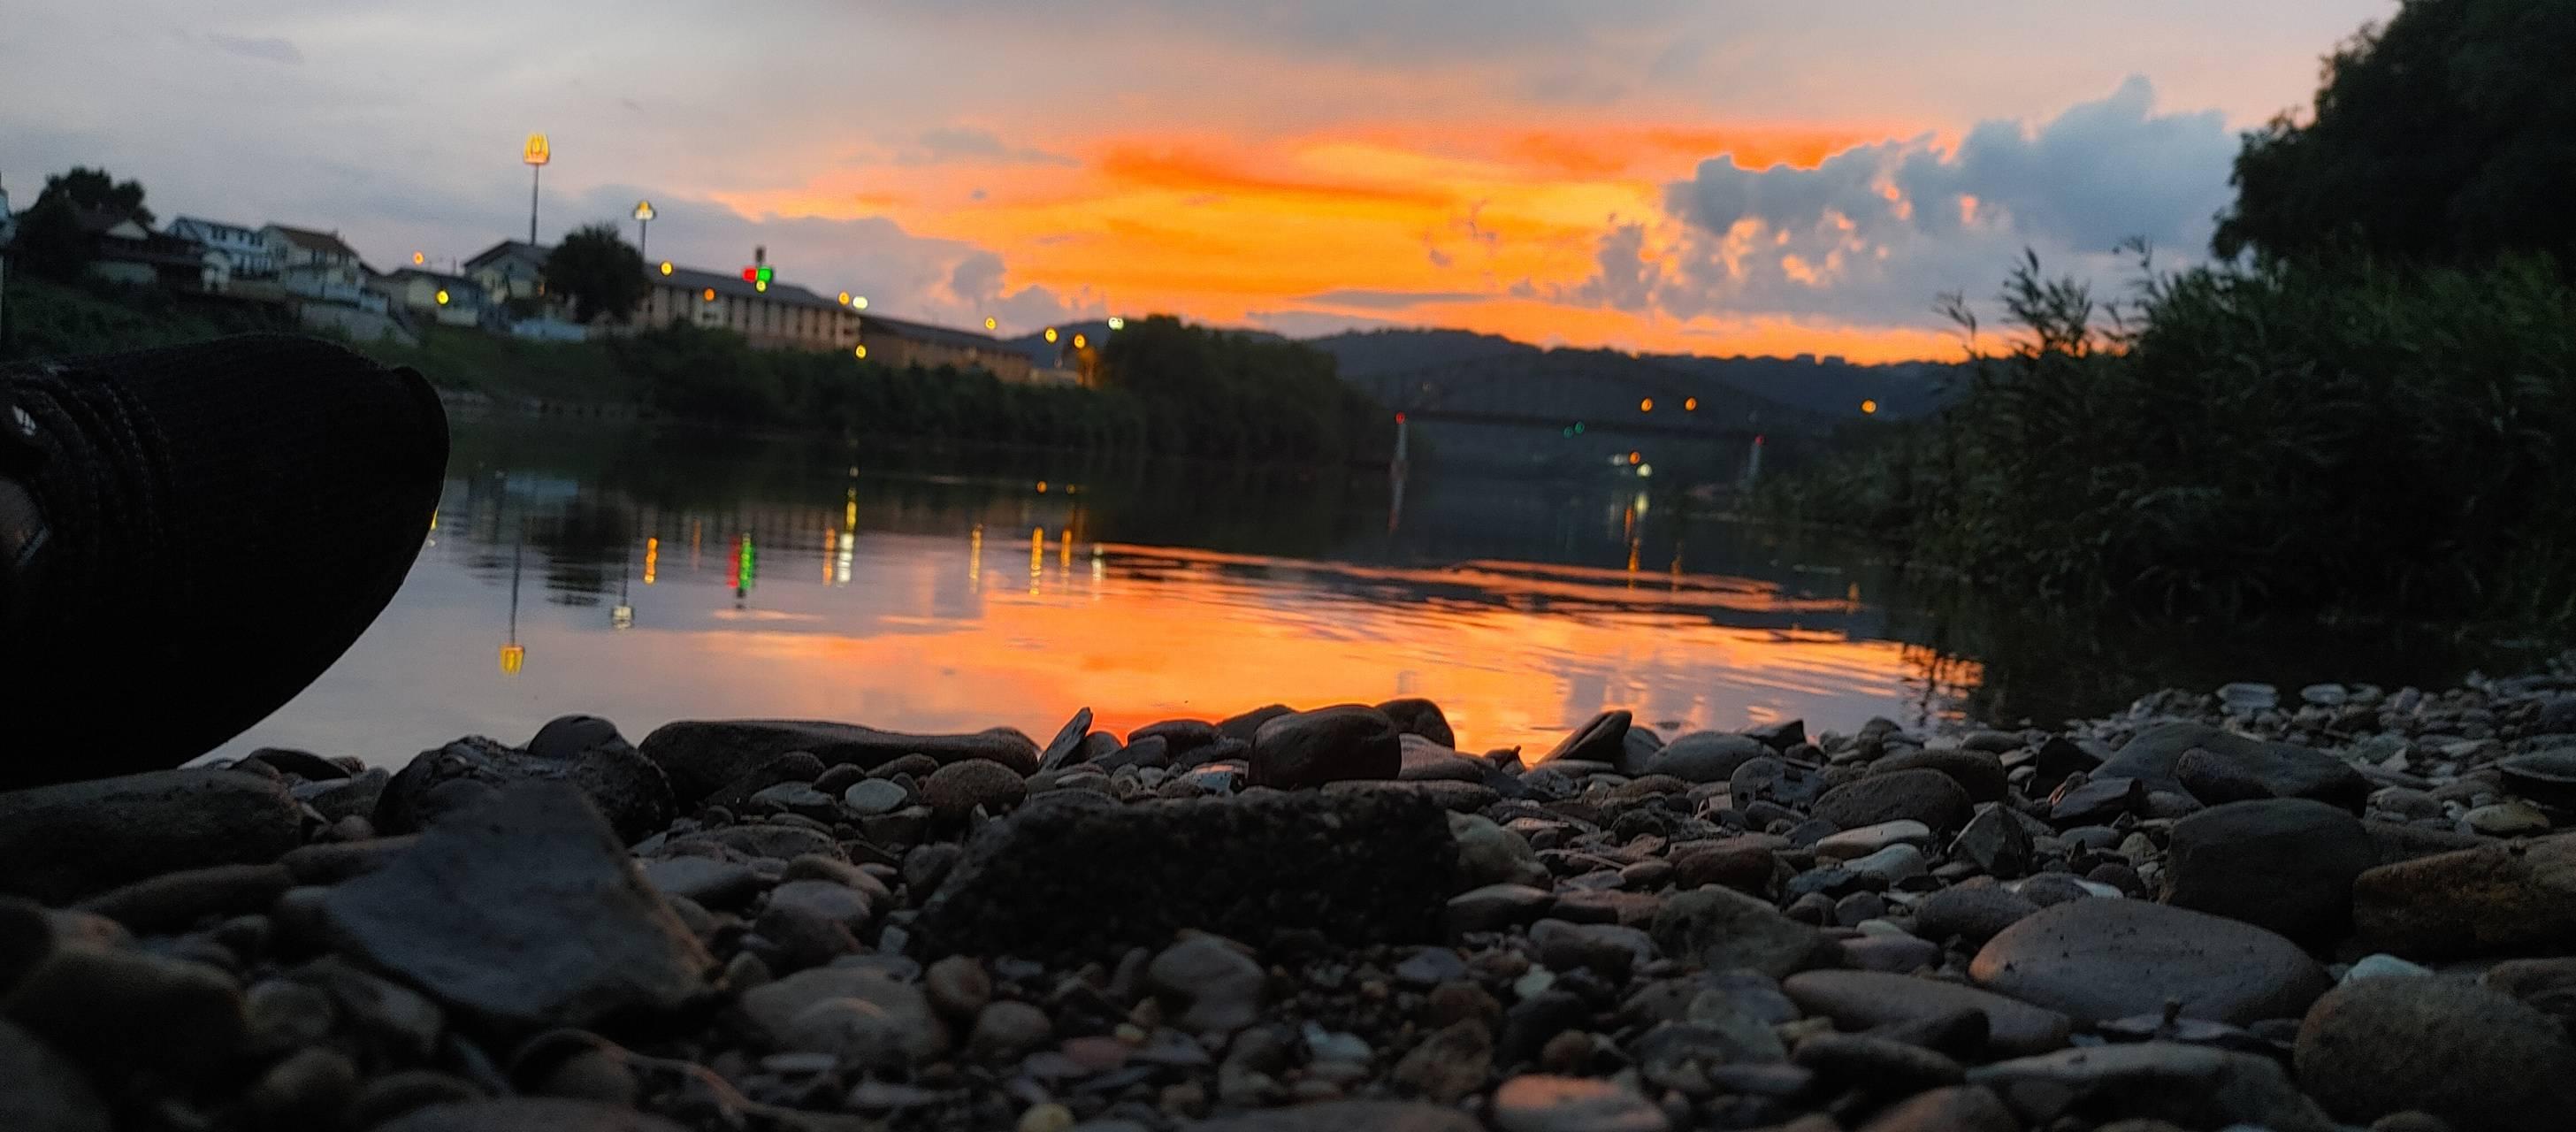 HD Sunset